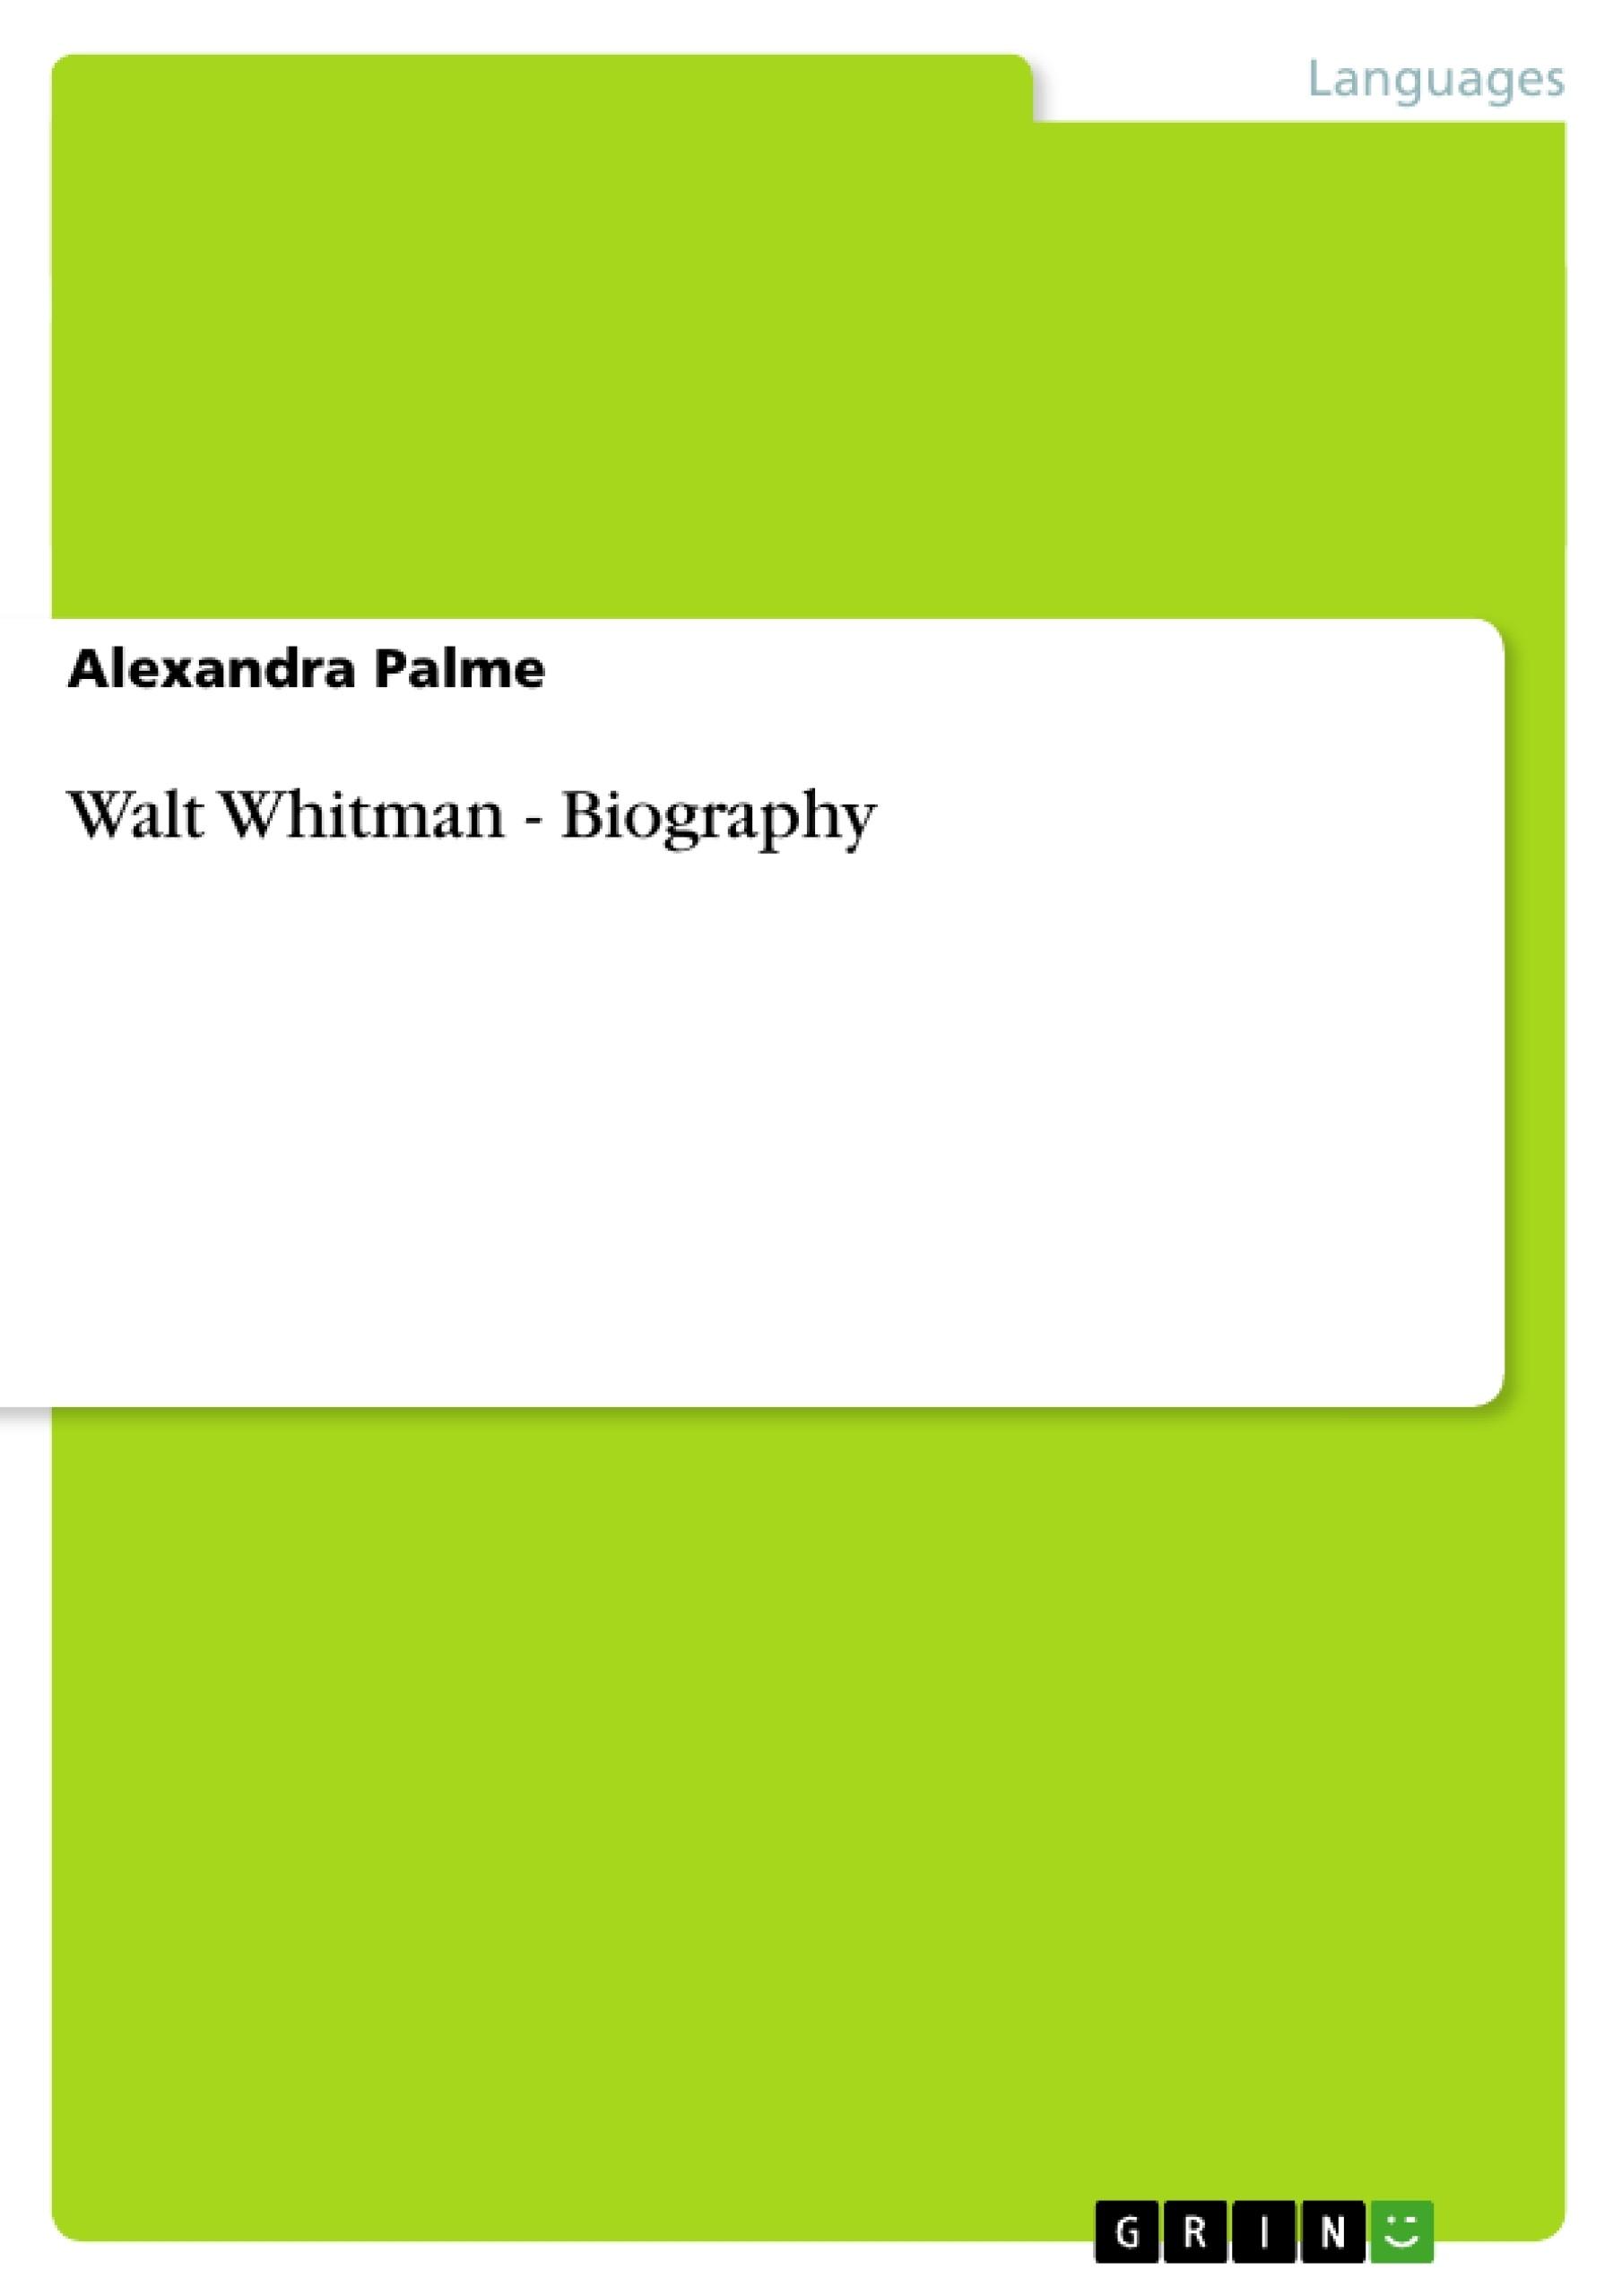 Title: Walt Whitman - Biography